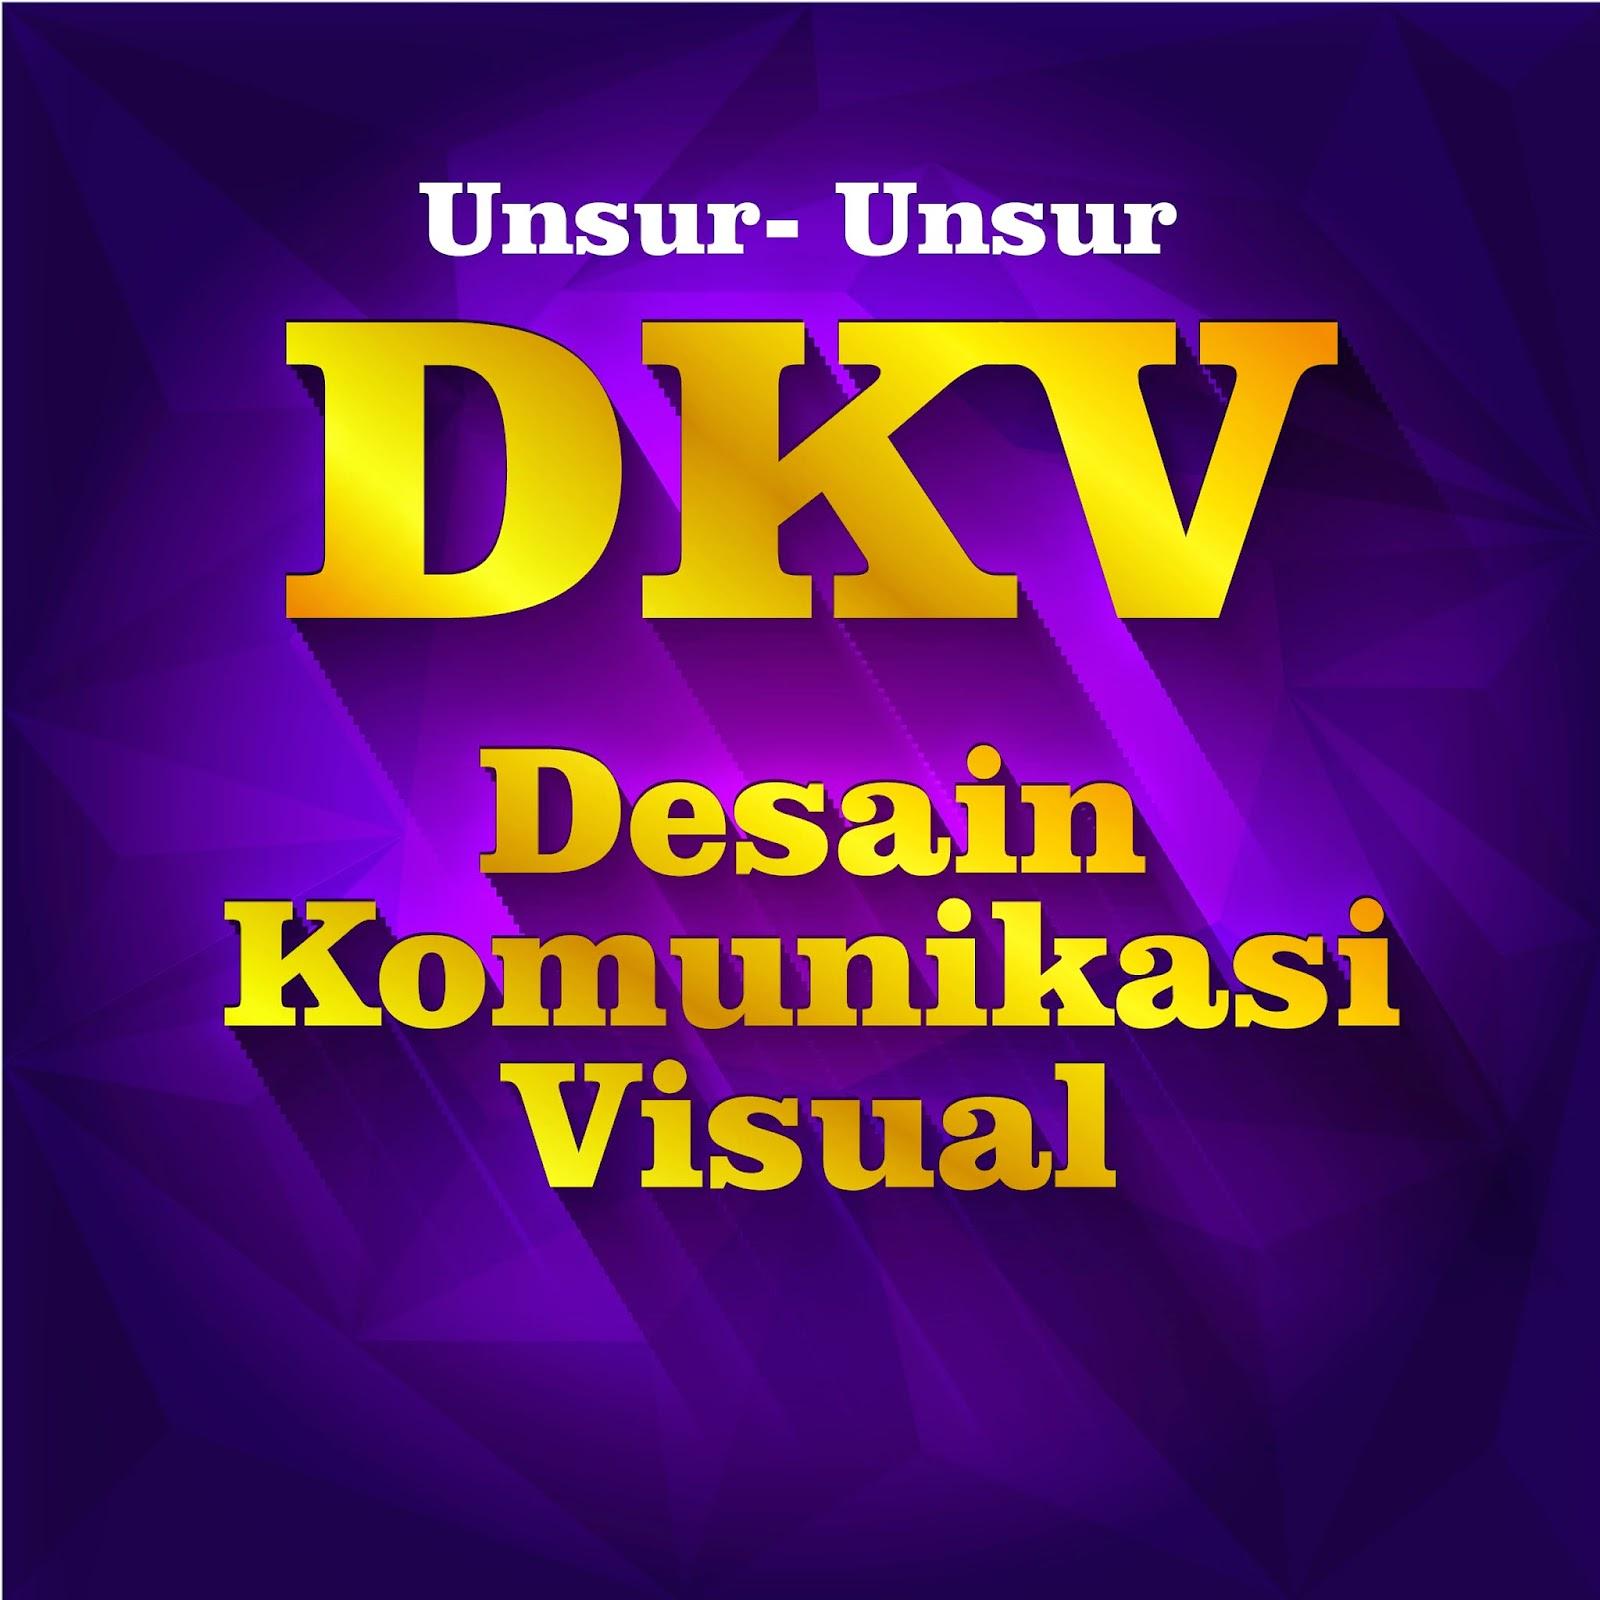 7500 Koleksi Ide Warna Dalam Desain Komunikasi Visual HD Unduh Gratis